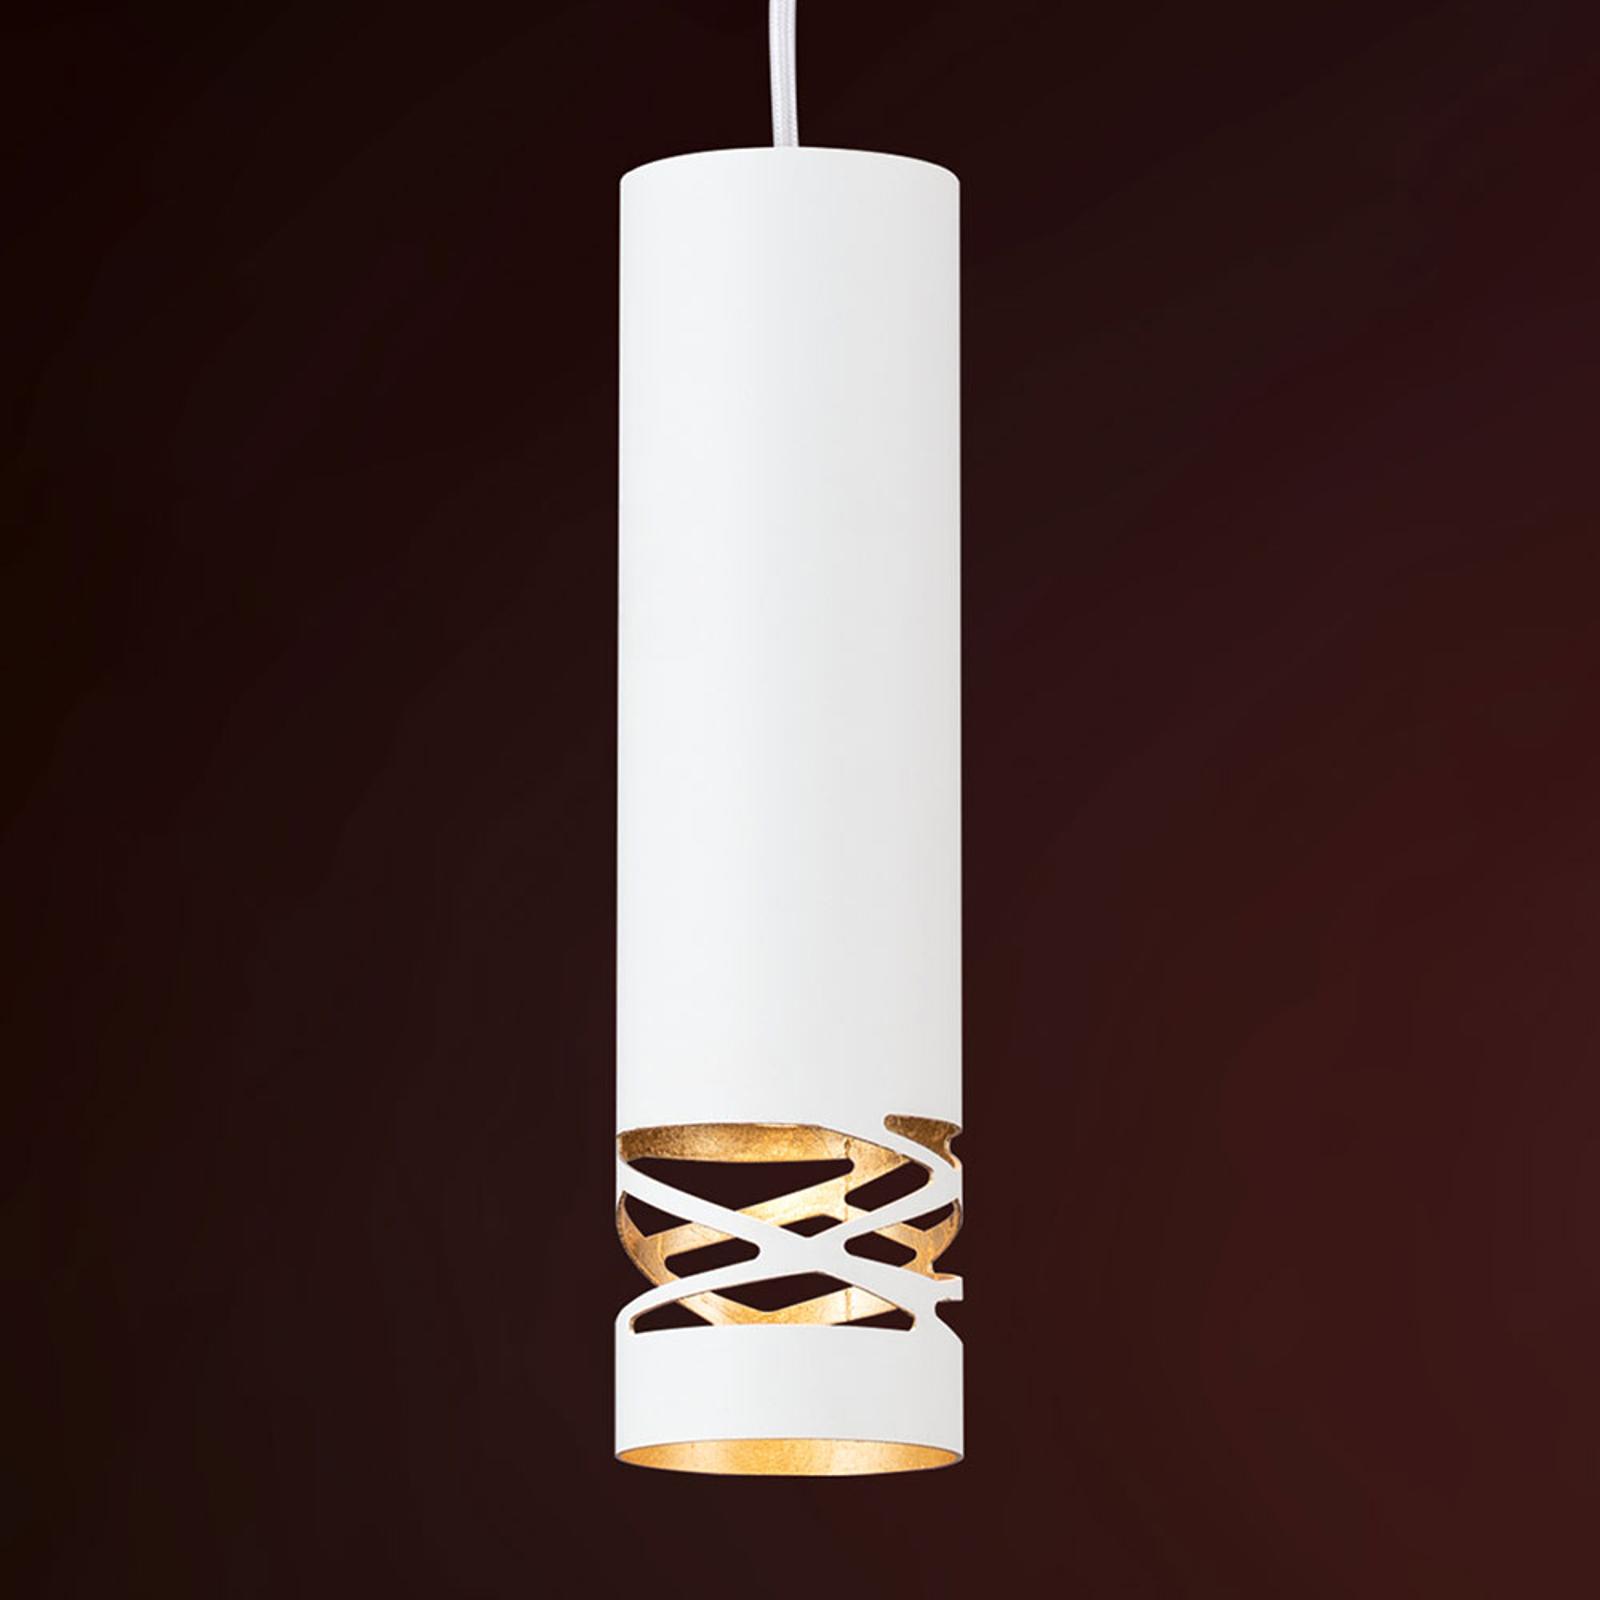 Rurowa lampa wisząca Trance ze złotą nakładką